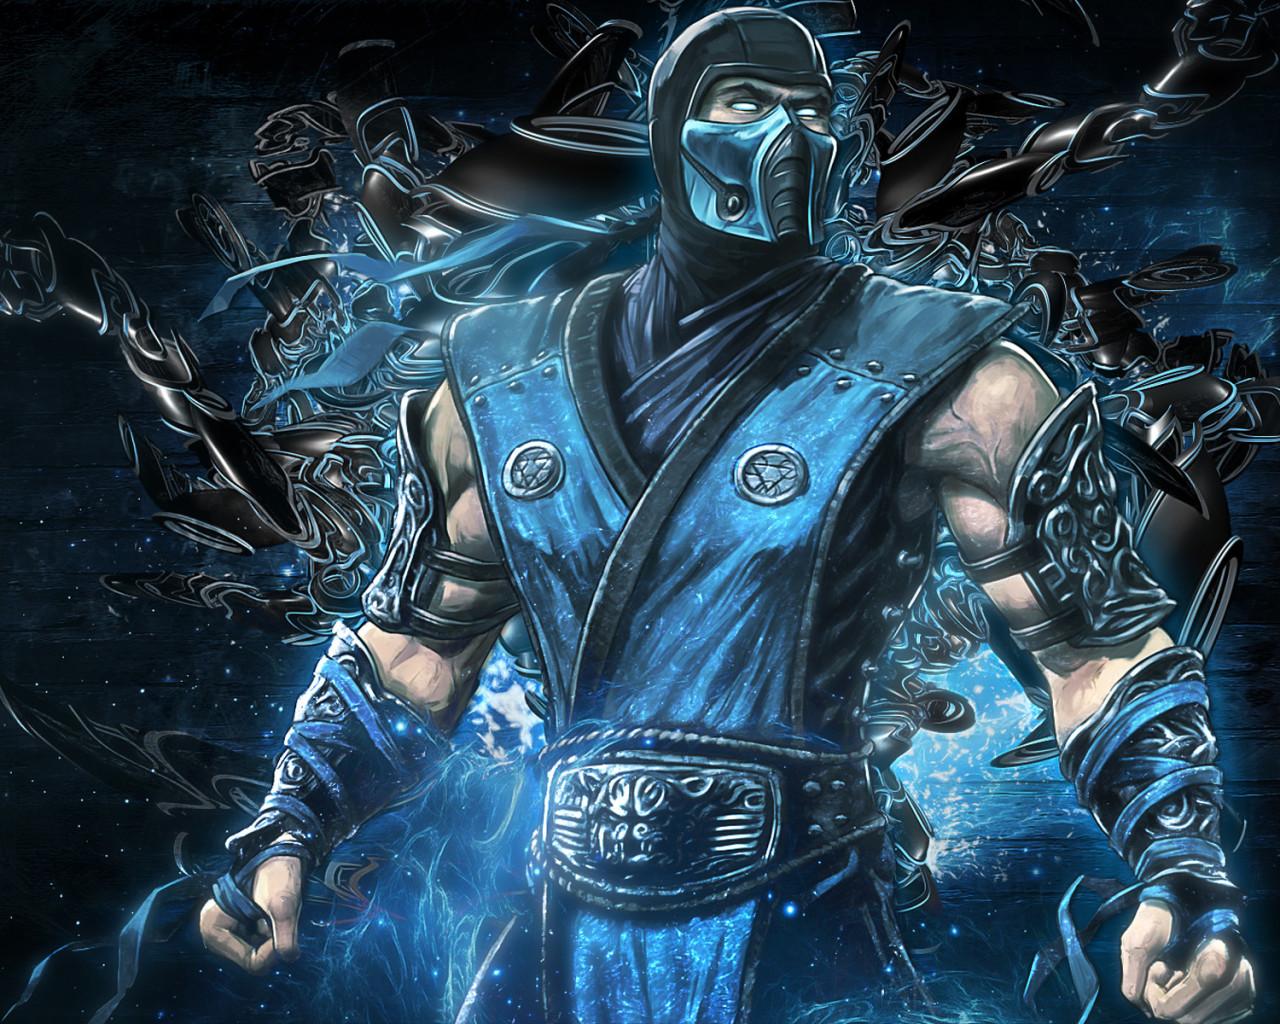 Mortal Kombat Wallpaper Fondos de Pantalla   Imagenes Hd  Fondos 1280x1024